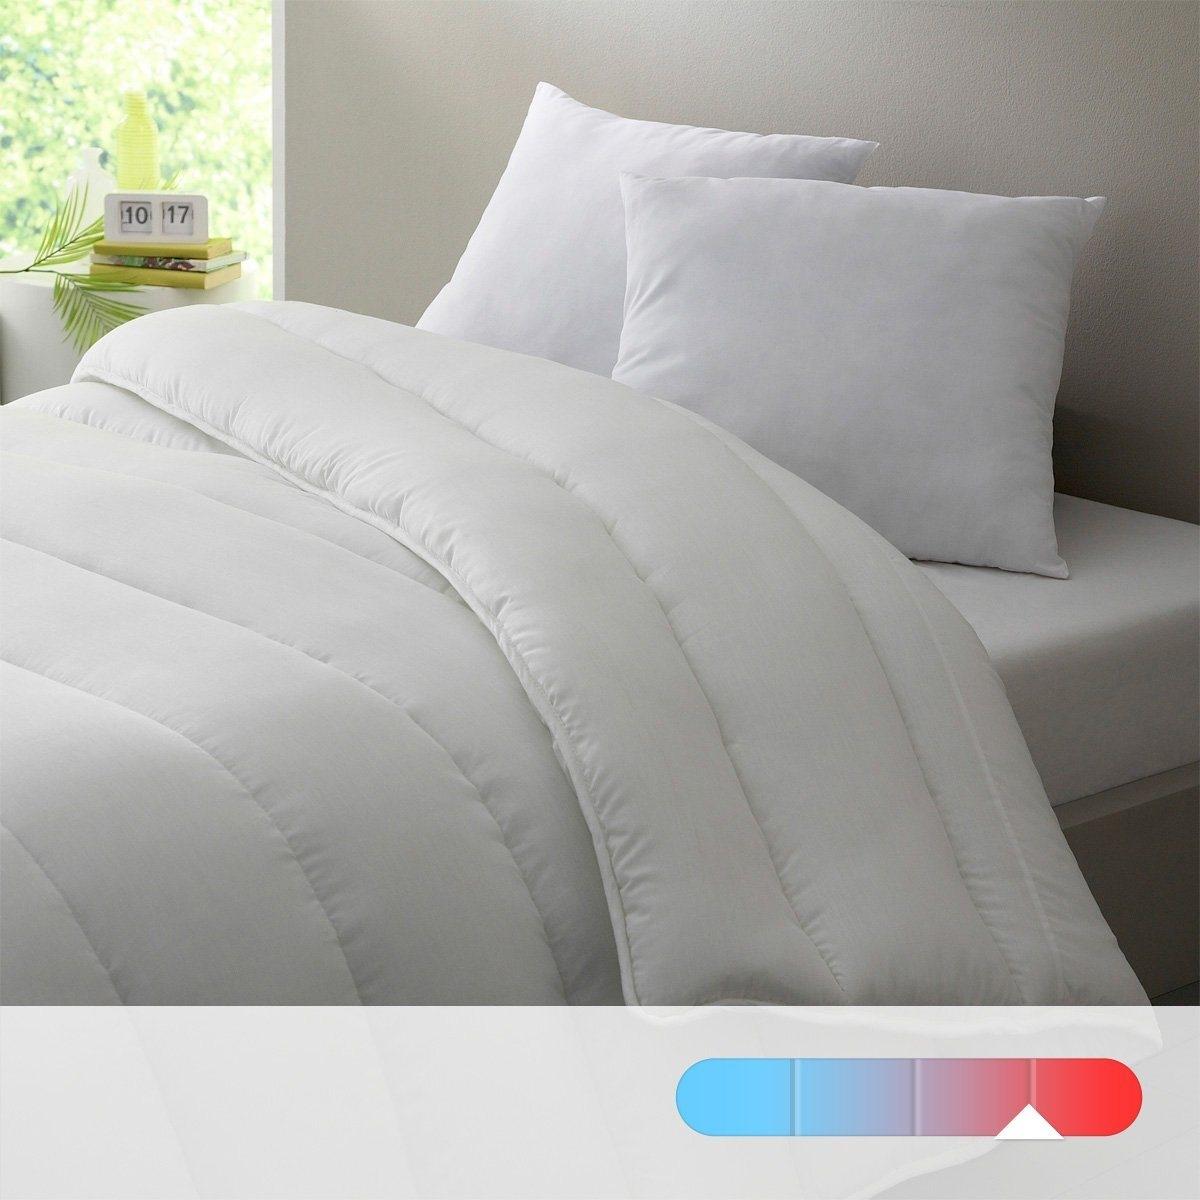 Oдеяло LA REDOUTE CREATION, 500 г/м² одеяло luolailin 100